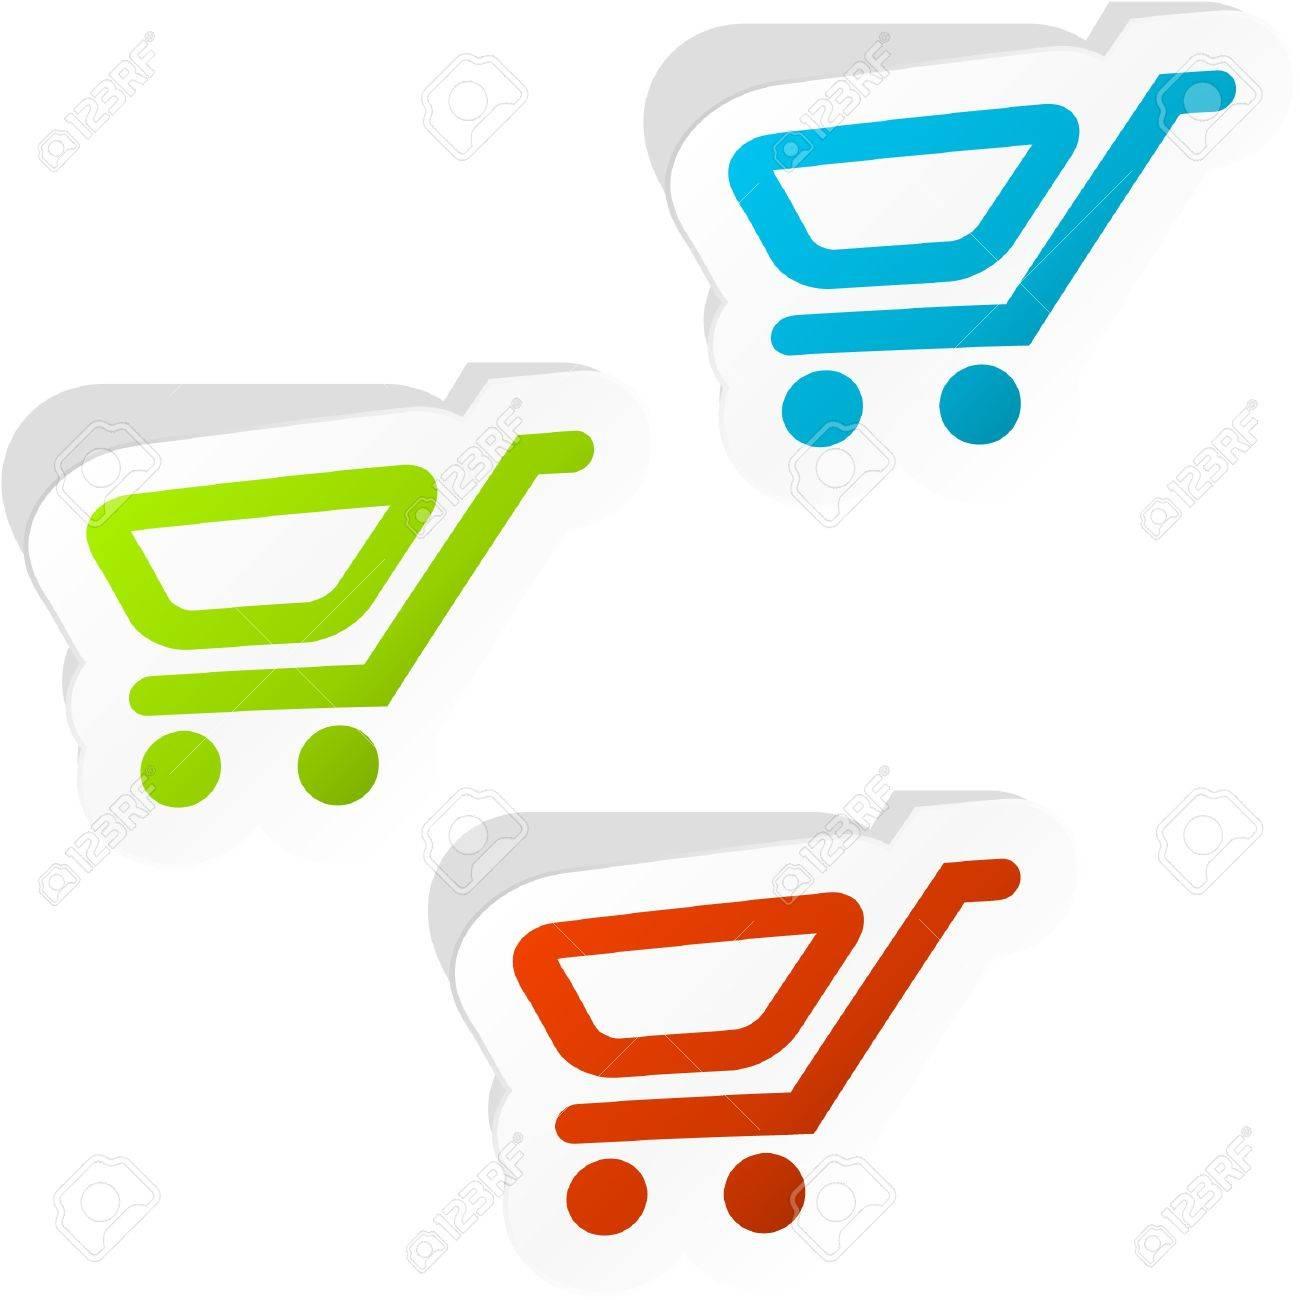 Shopping cart. Sticker set. Stock Vector - 9040017